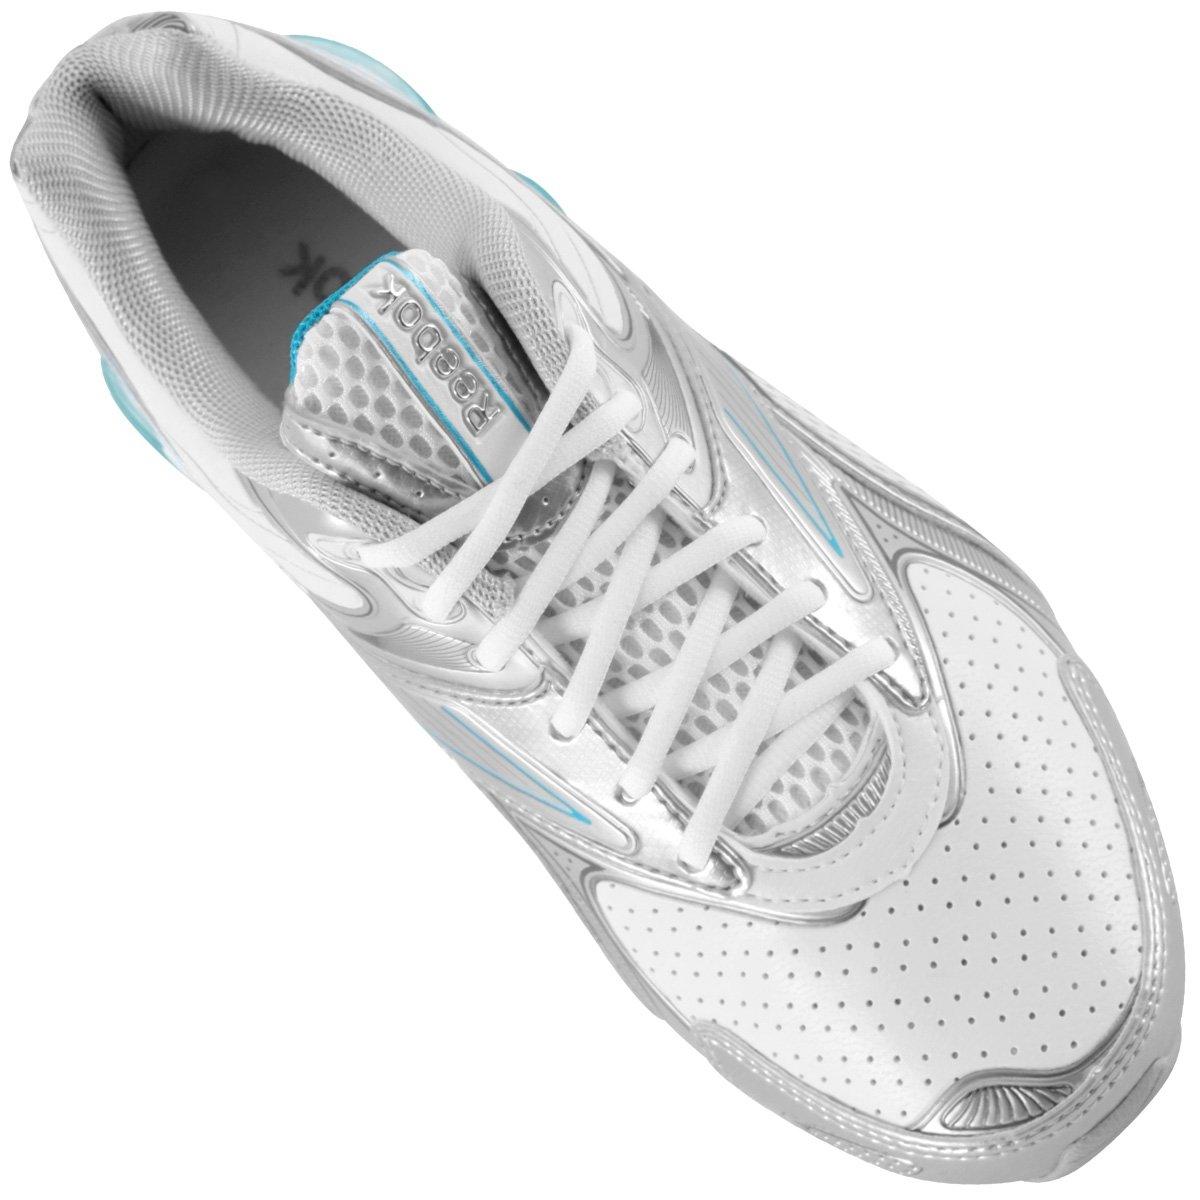 Tênis Reebok V16 LP DMX Heel Feminino - Compre Agora  d832cf550fc79